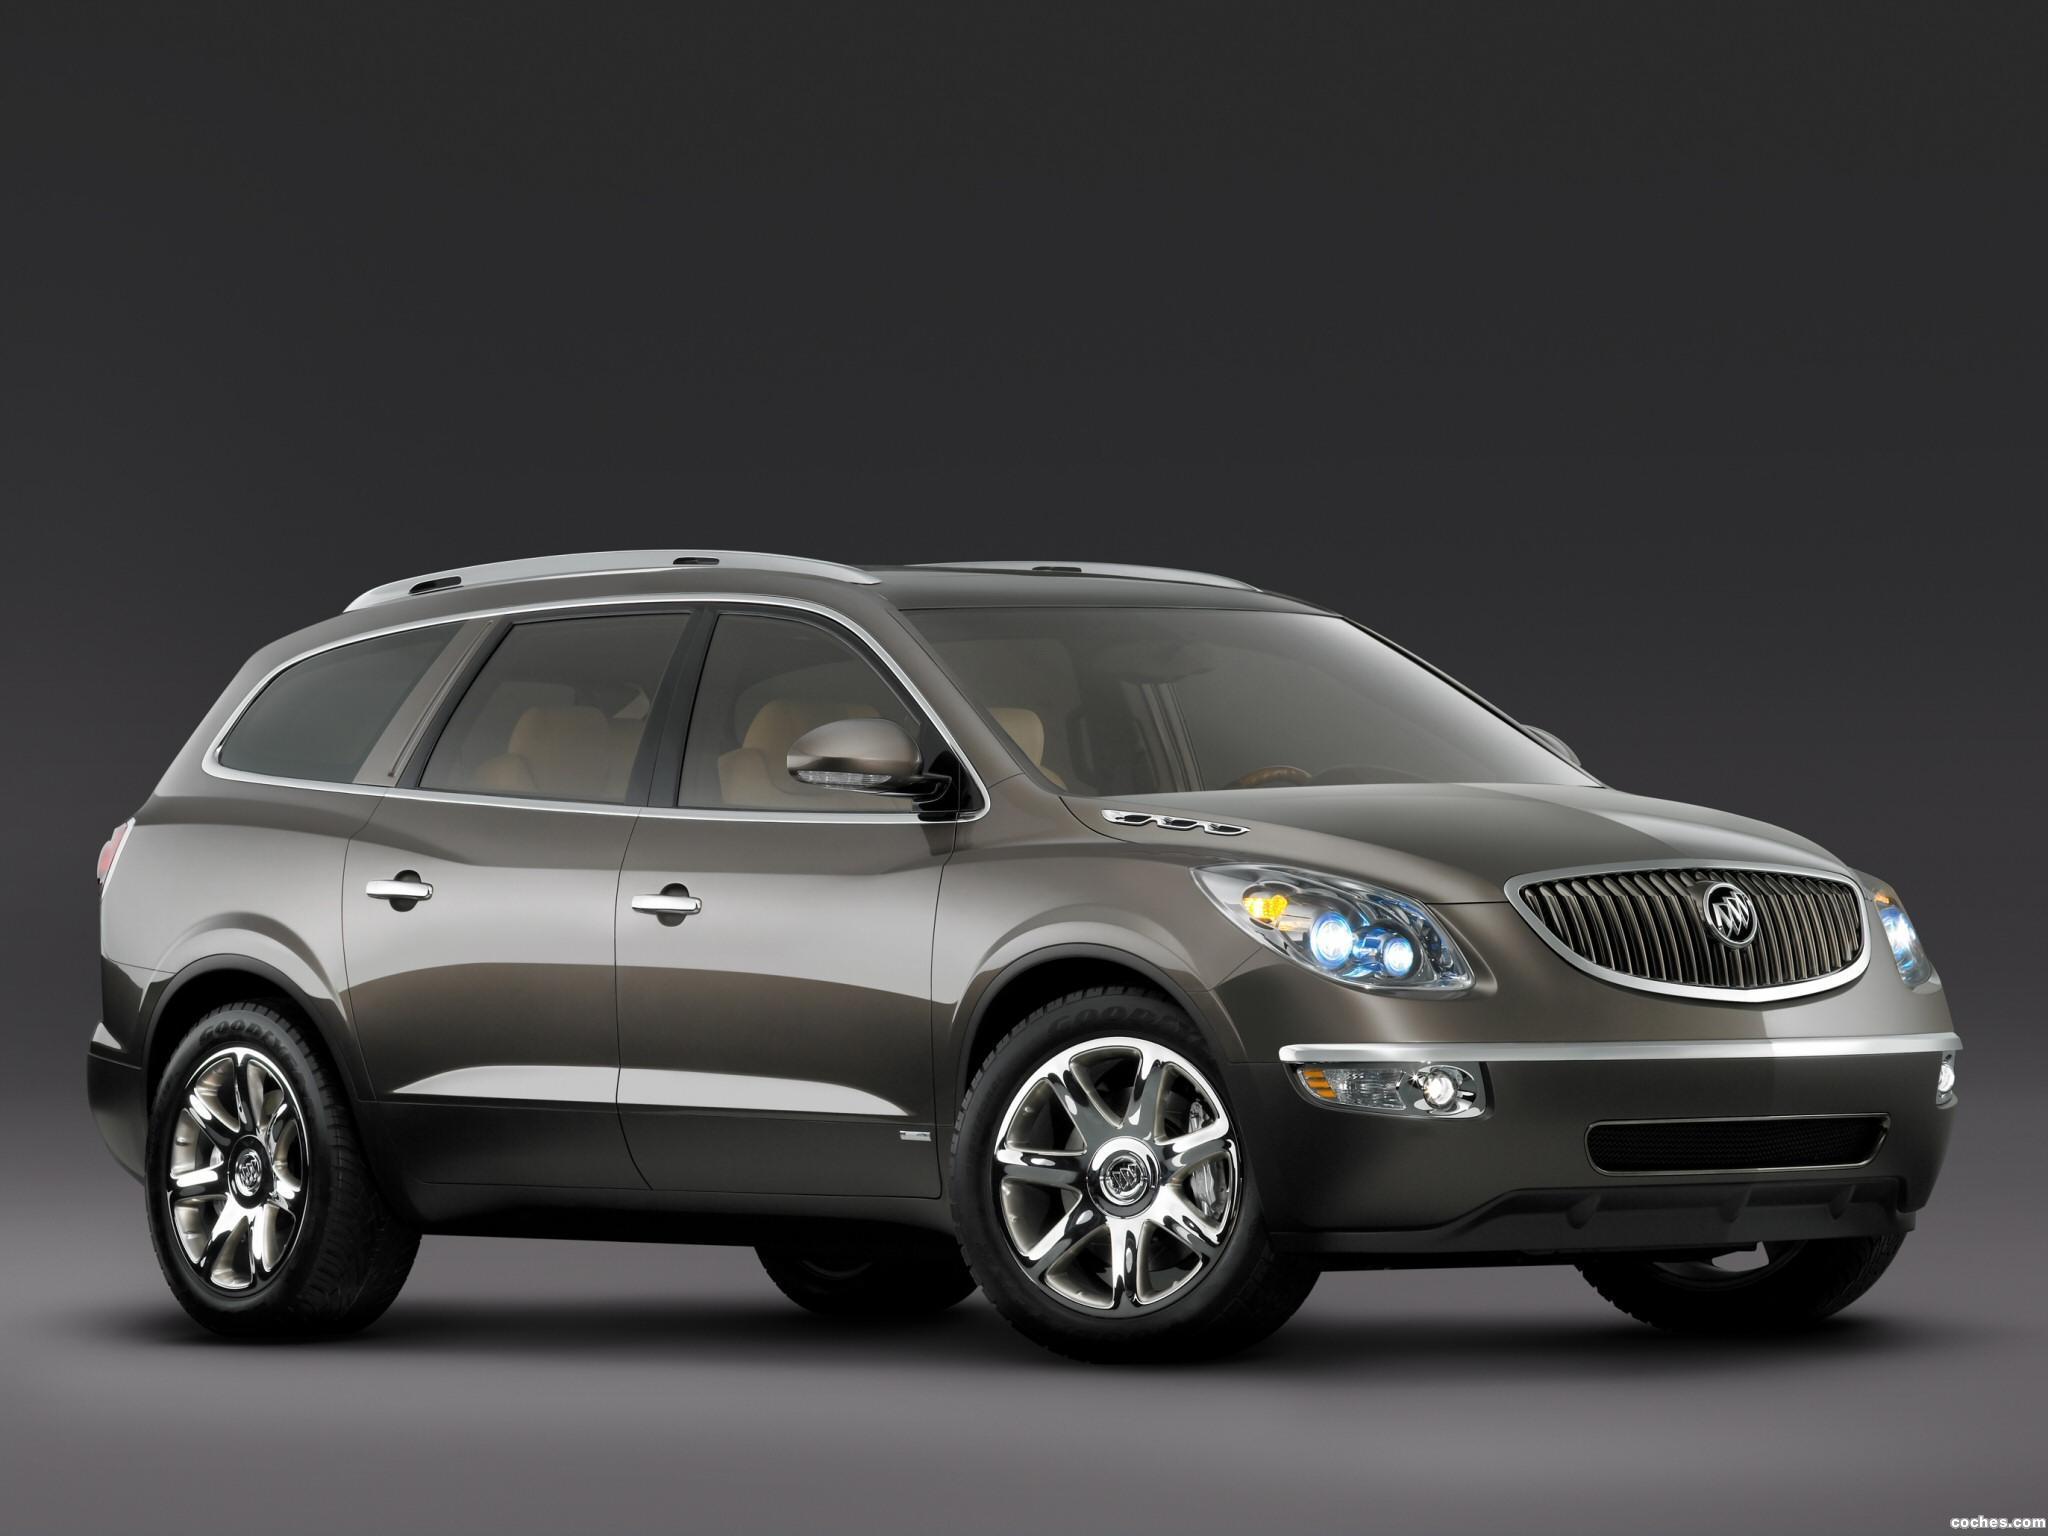 Foto 0 de Buick Enclave Concept 2006